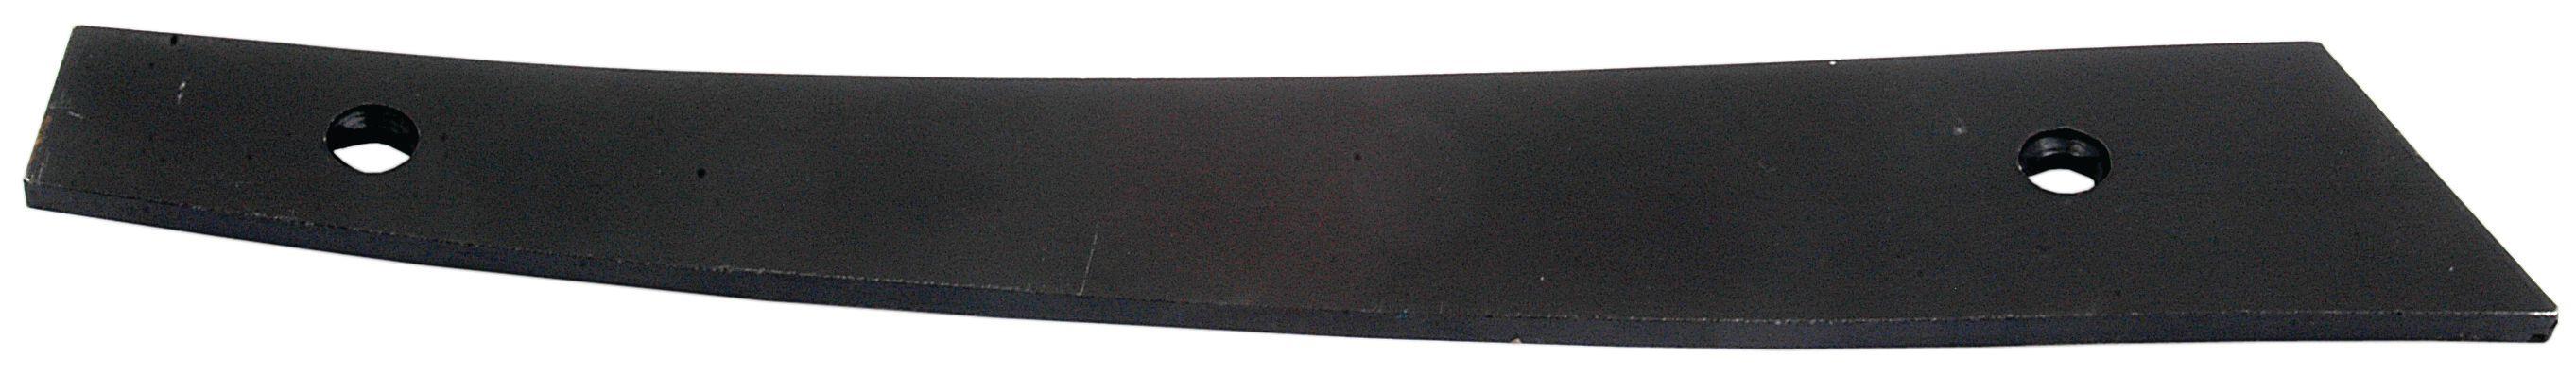 KUHN UPPER SLAT RH-KUHN 22895